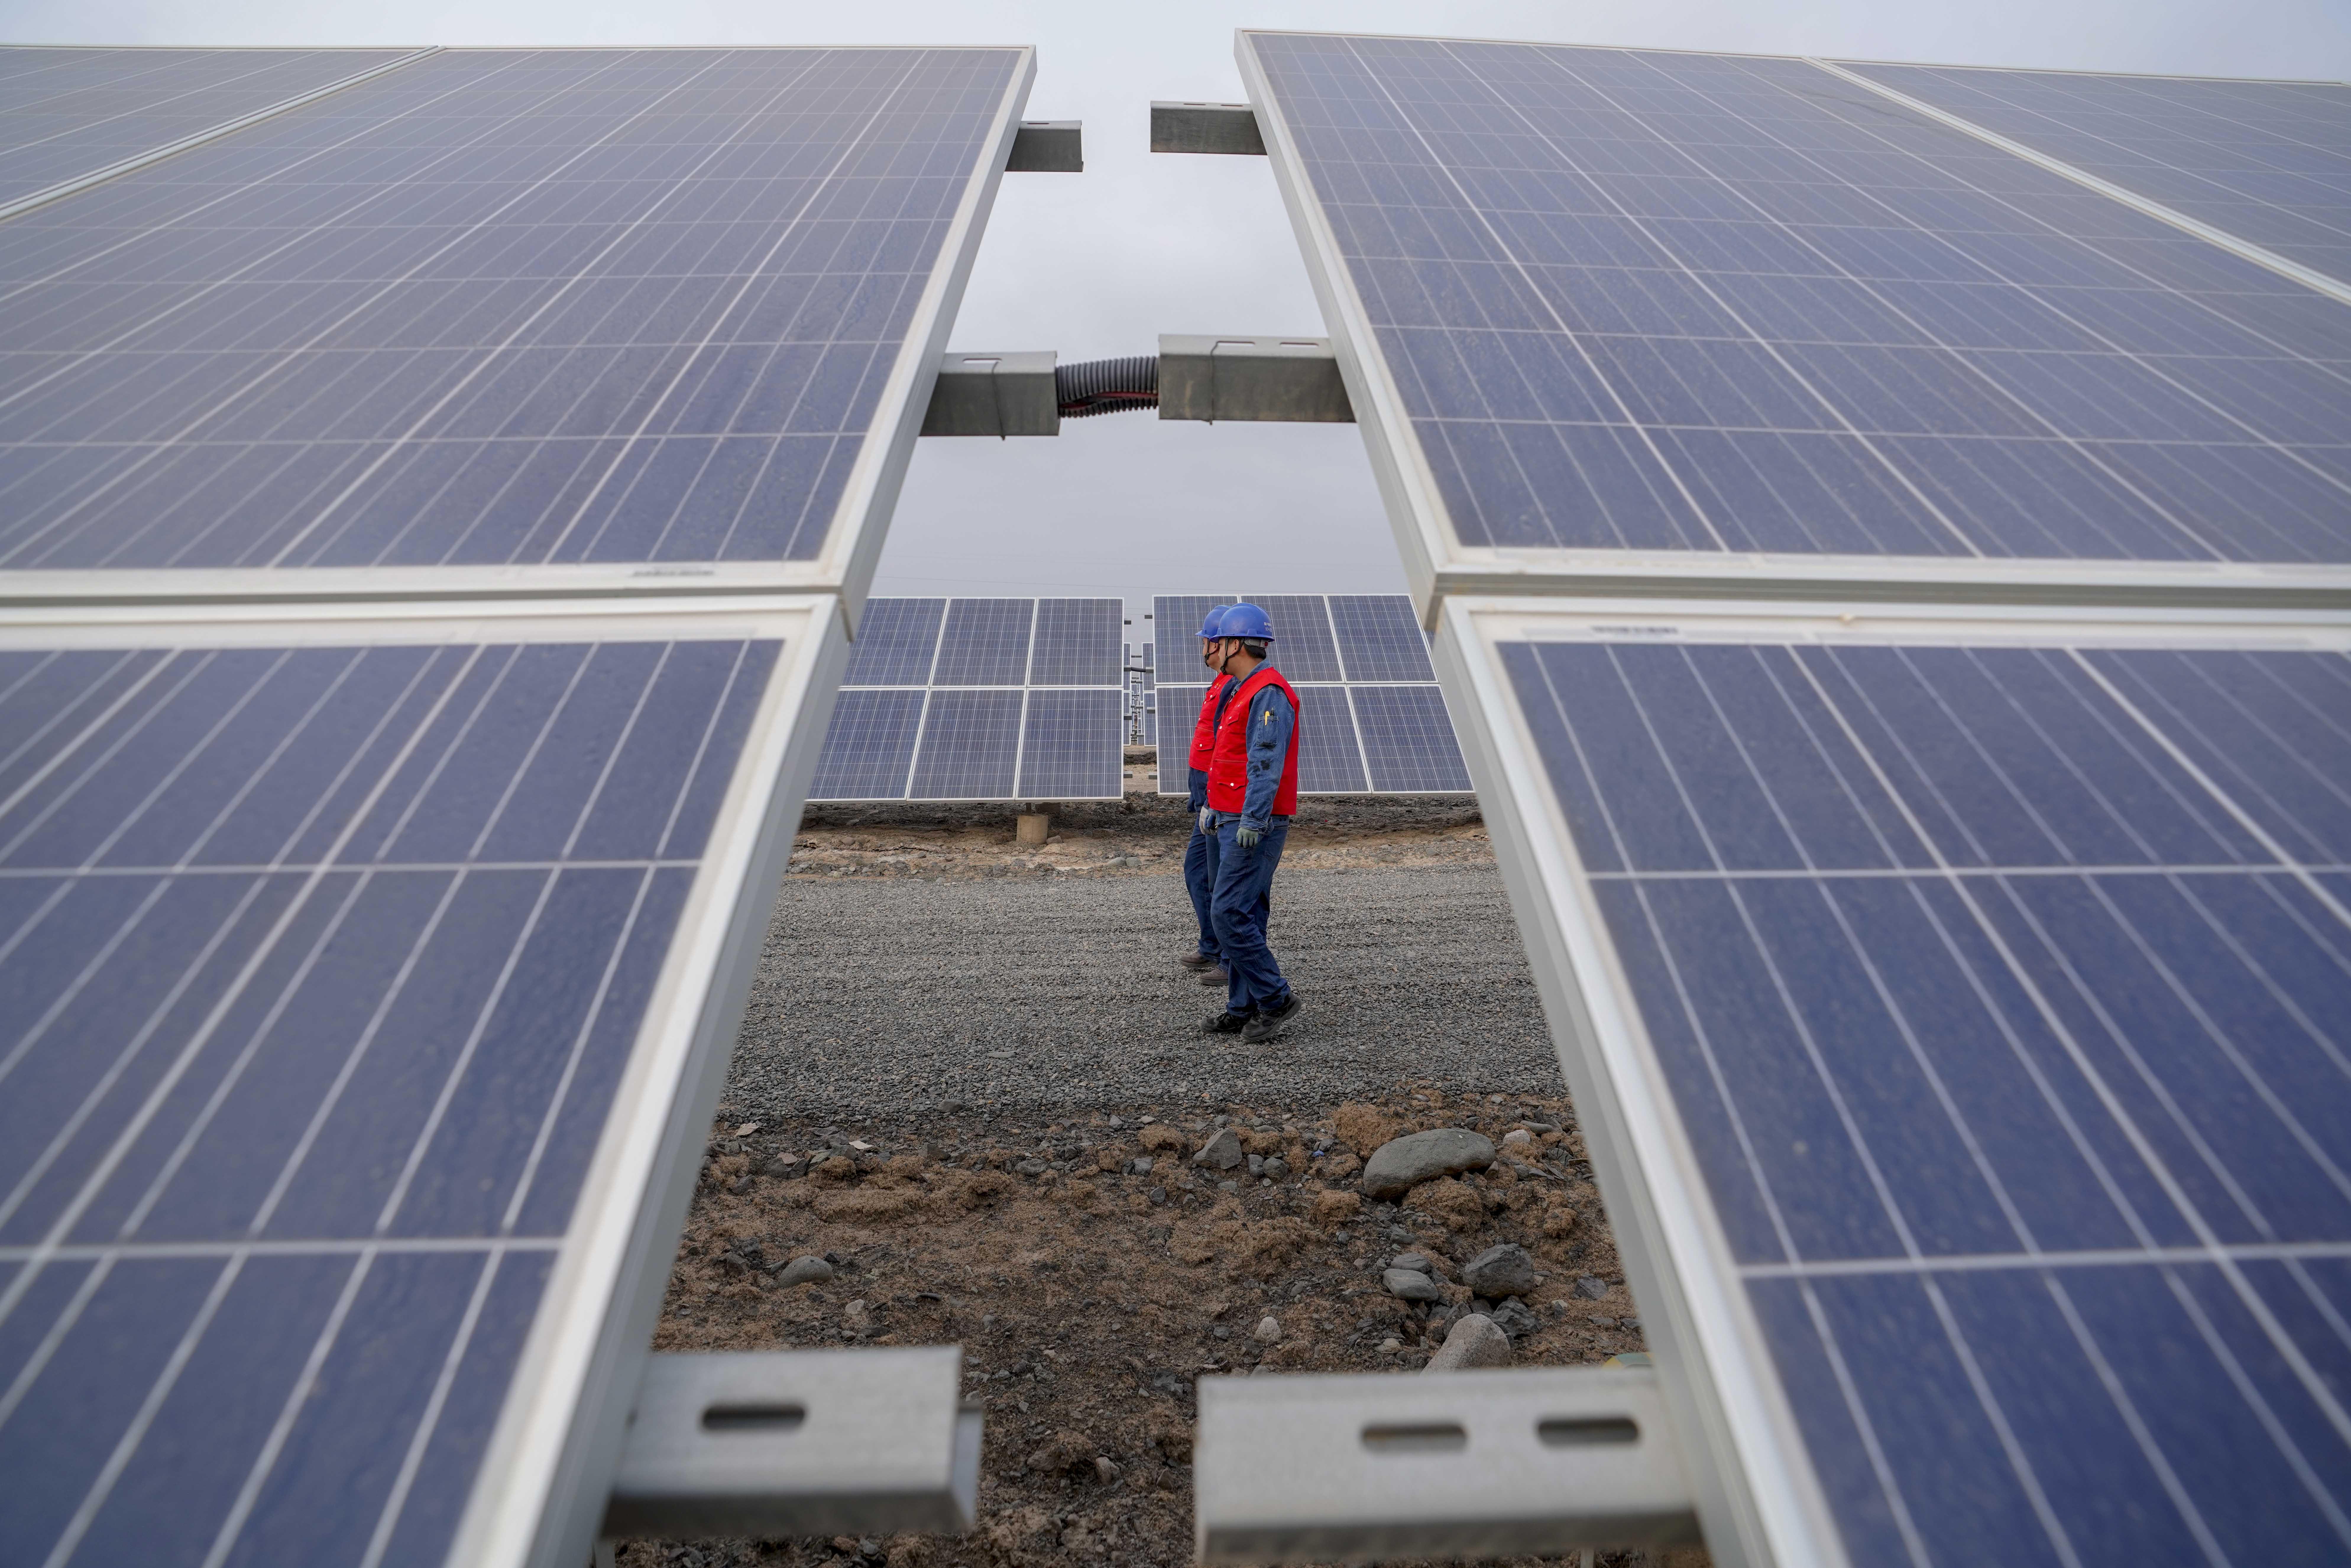 発電設備容量が1億キロワット突破、クリーンエネルギーが4割に 新疆